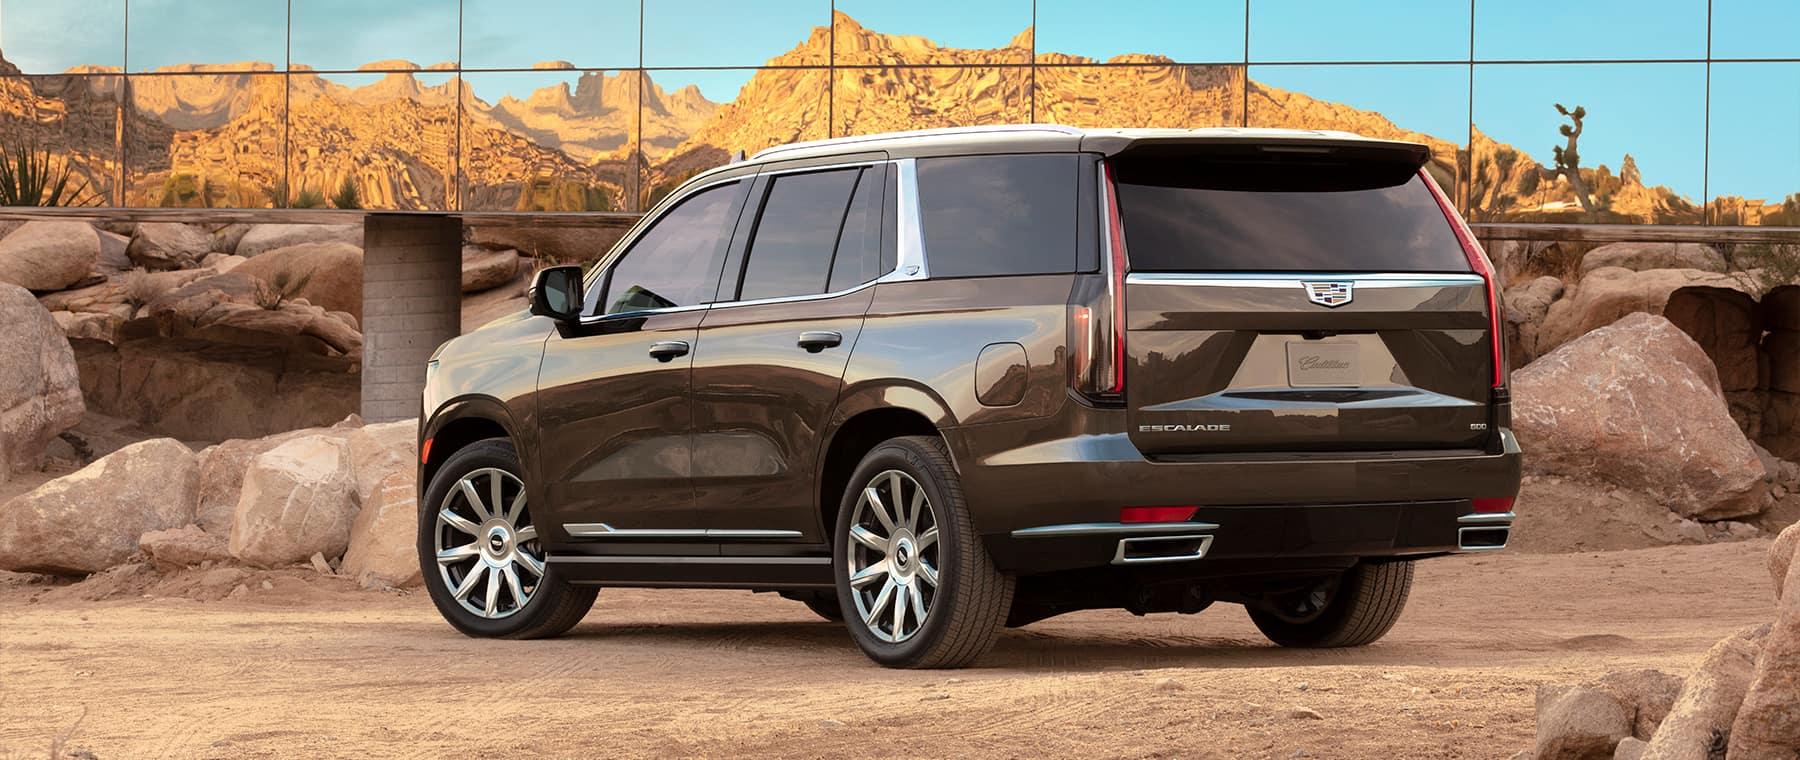 2021 Cadillac Escalade with mountain reflection